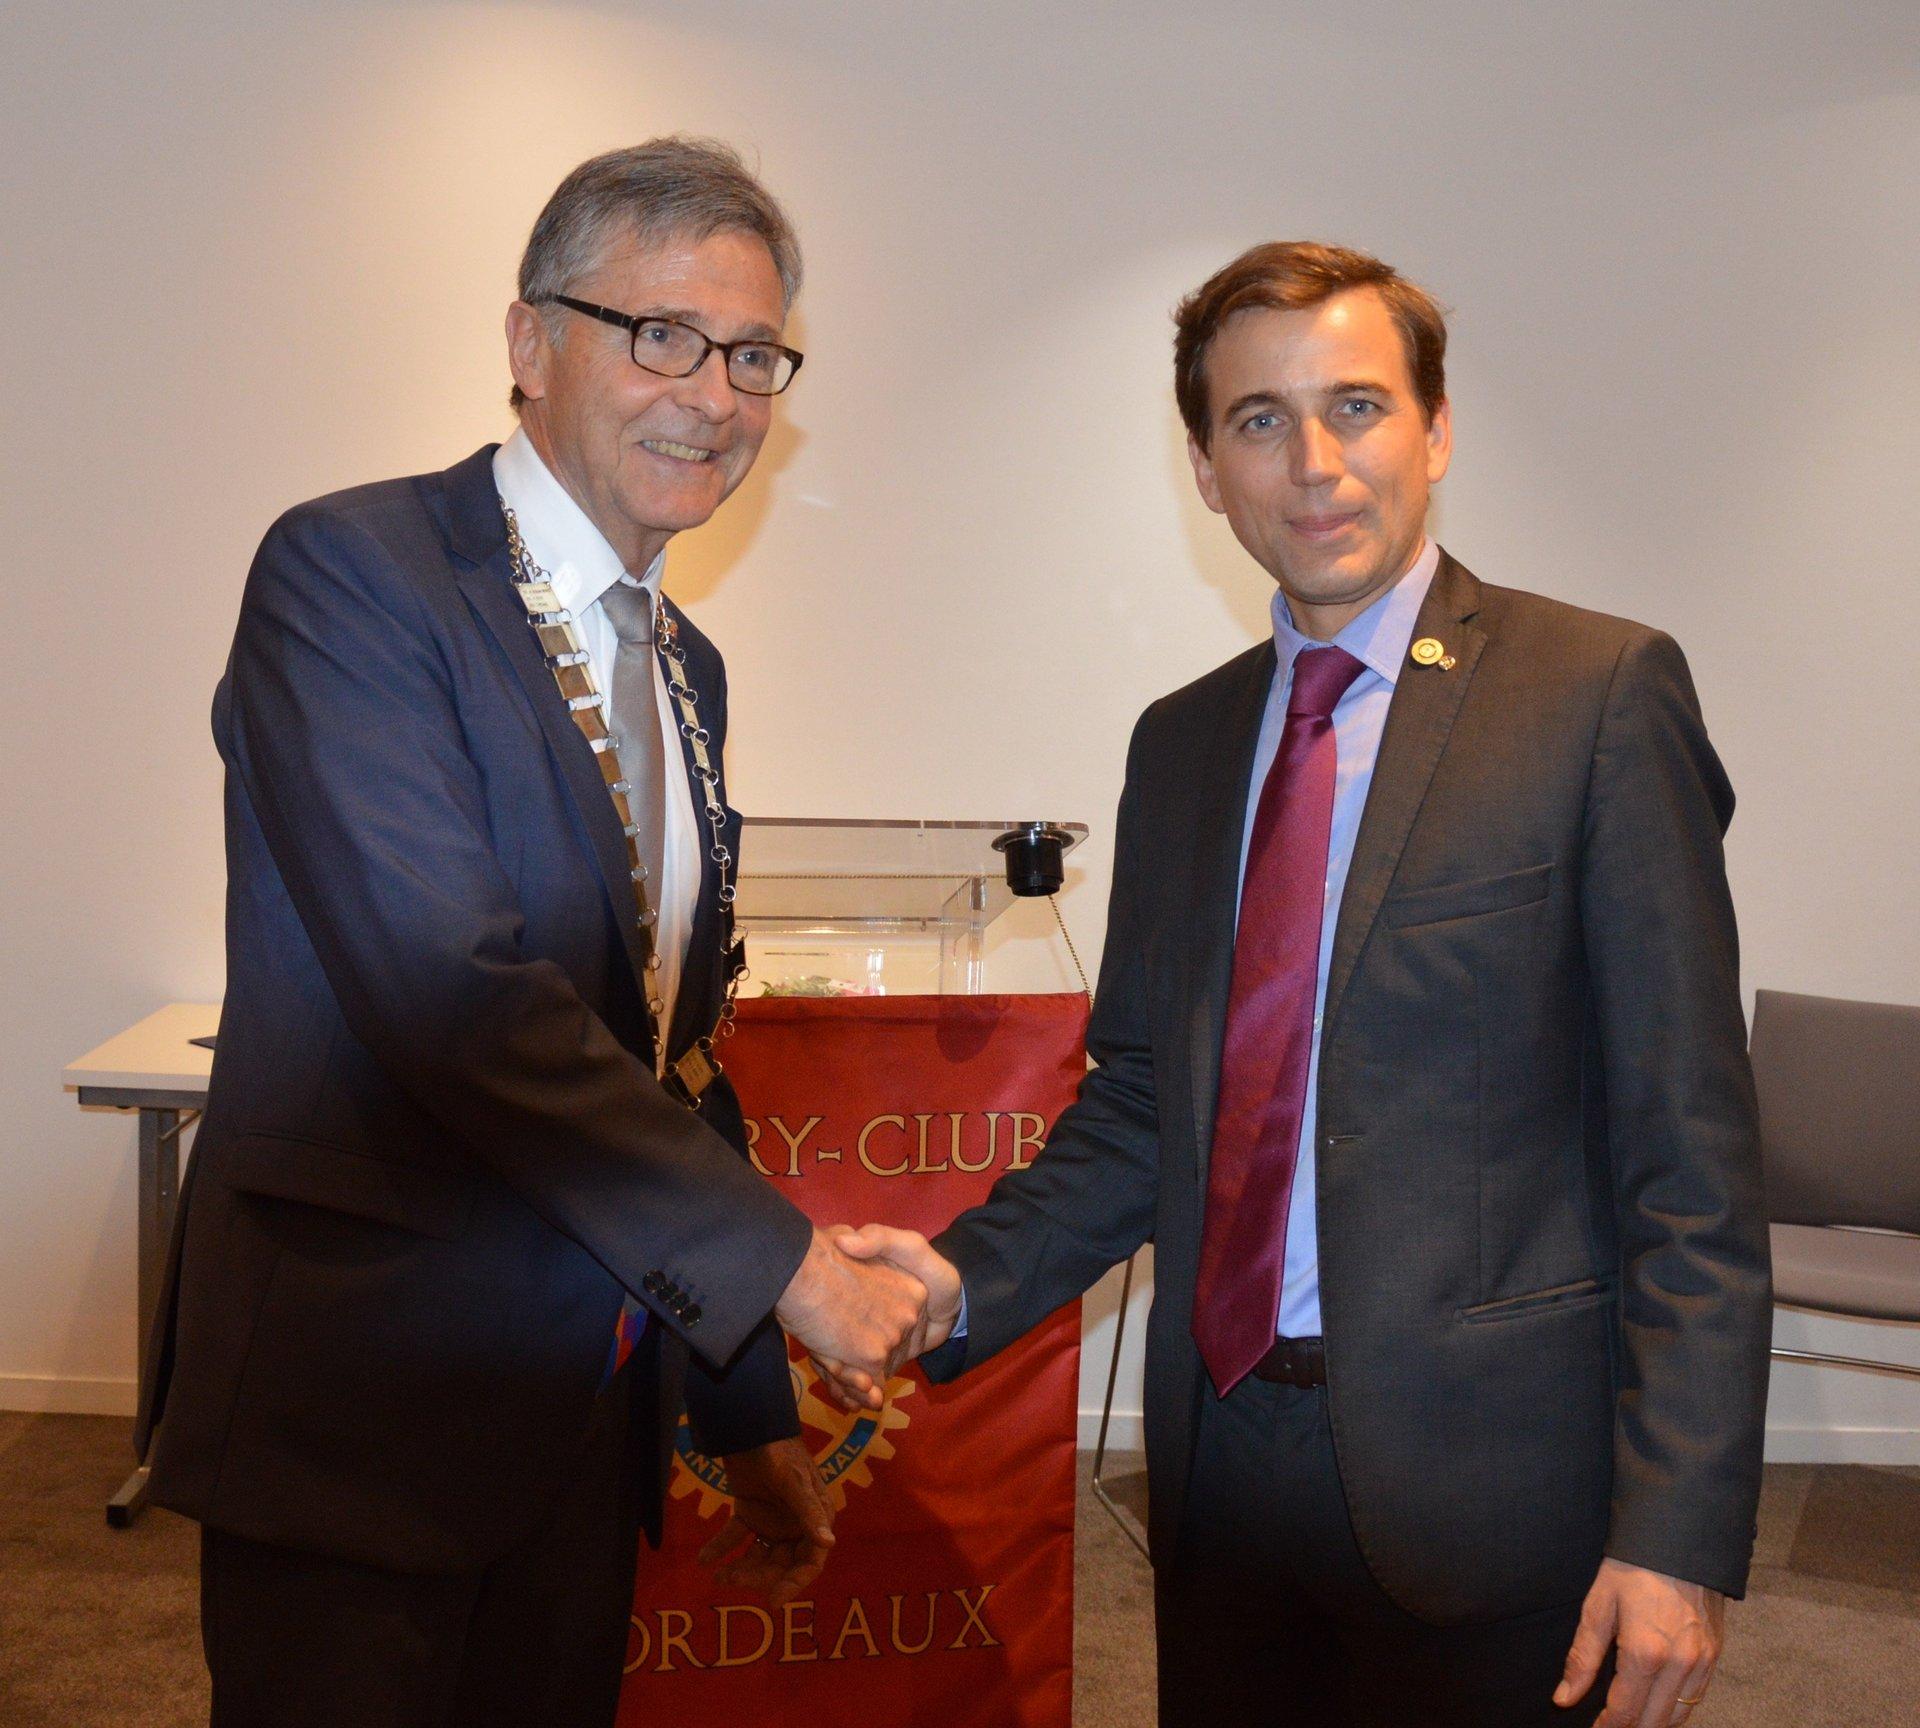 Passation des pouvoirs 2017 / 2018 Heymans Bach Rotary Club Bordeaux